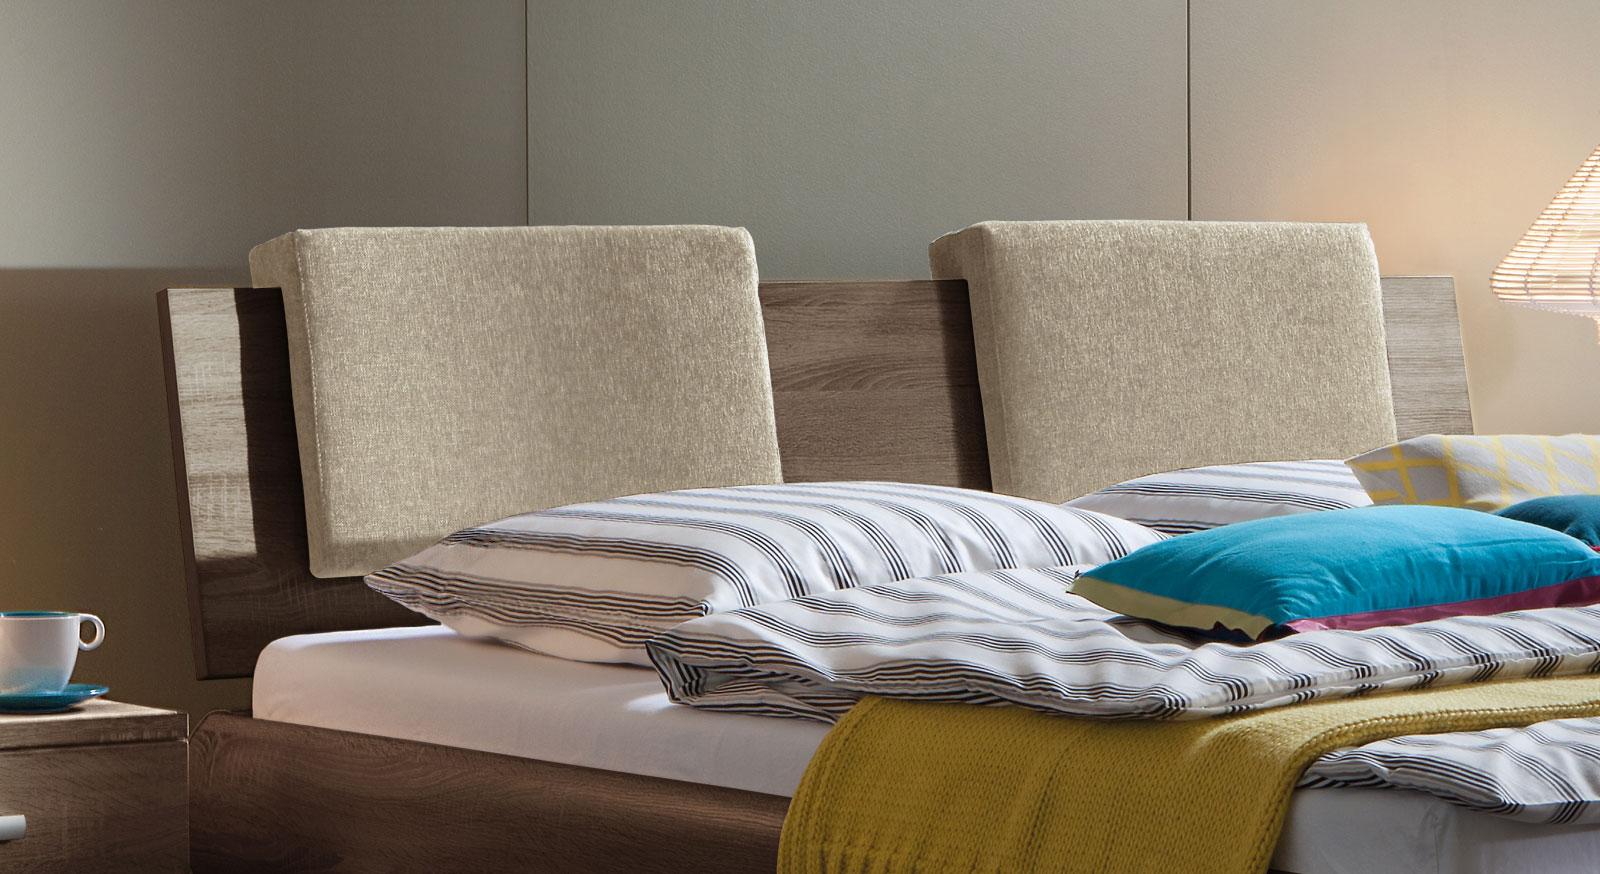 kopfteil kissen rimini webstoff polsterung f r kopfteile. Black Bedroom Furniture Sets. Home Design Ideas